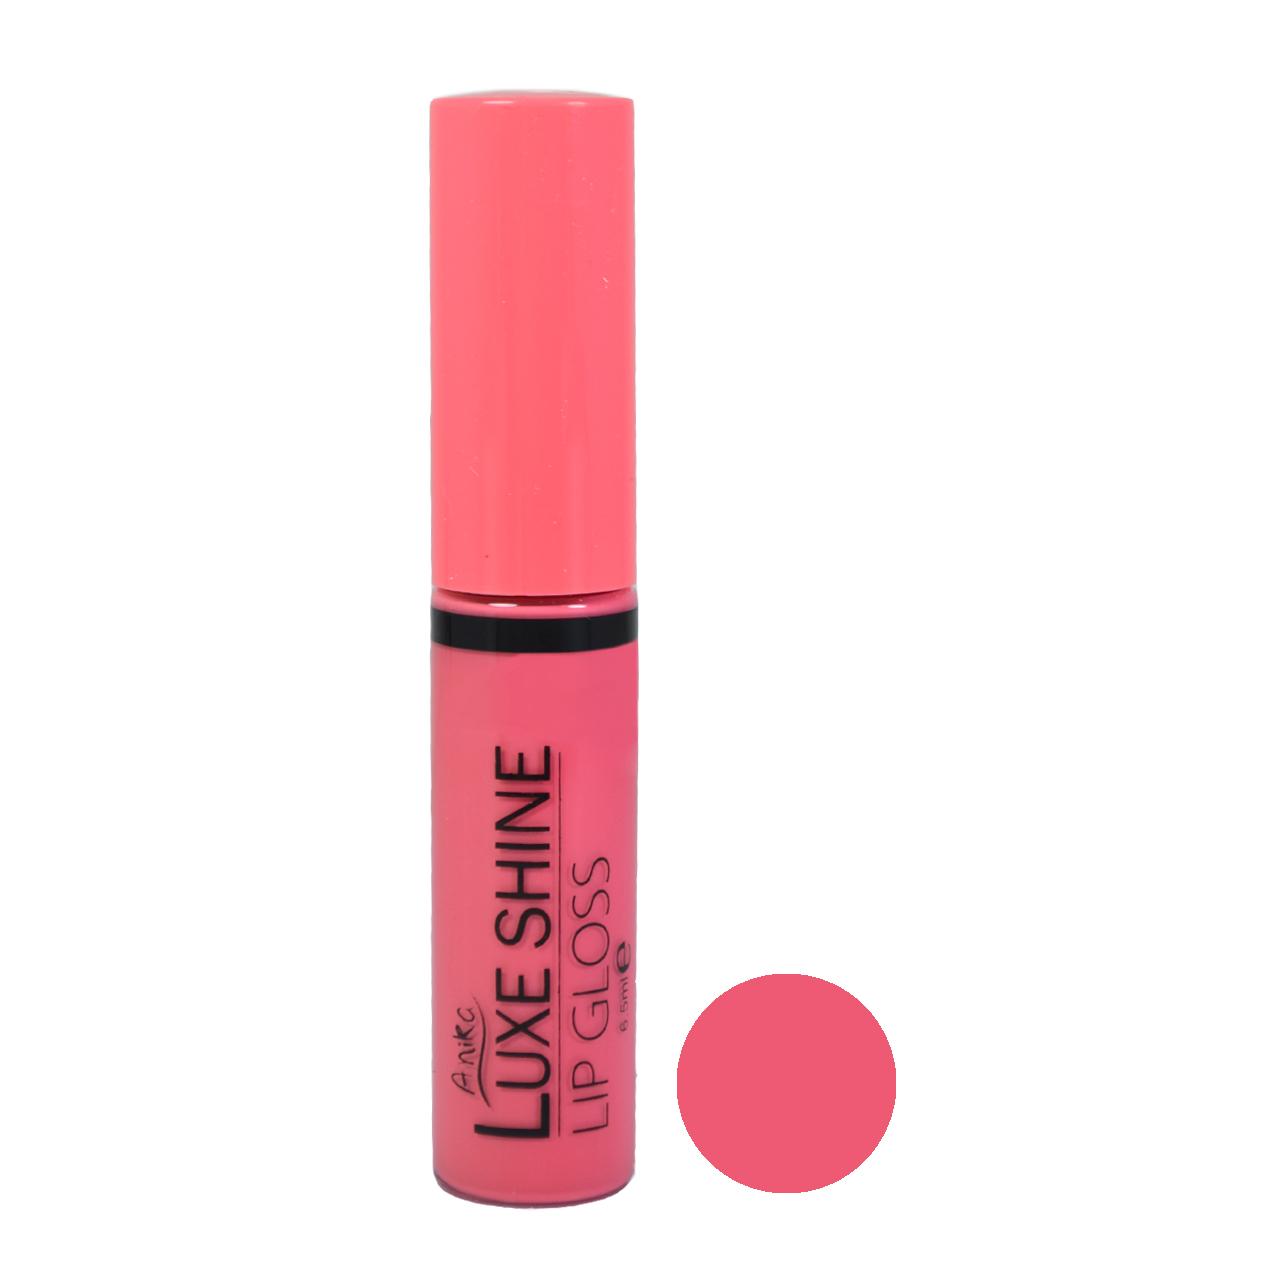 رژ لب مایع آنیکا مدل Luxe Shine شماره L09